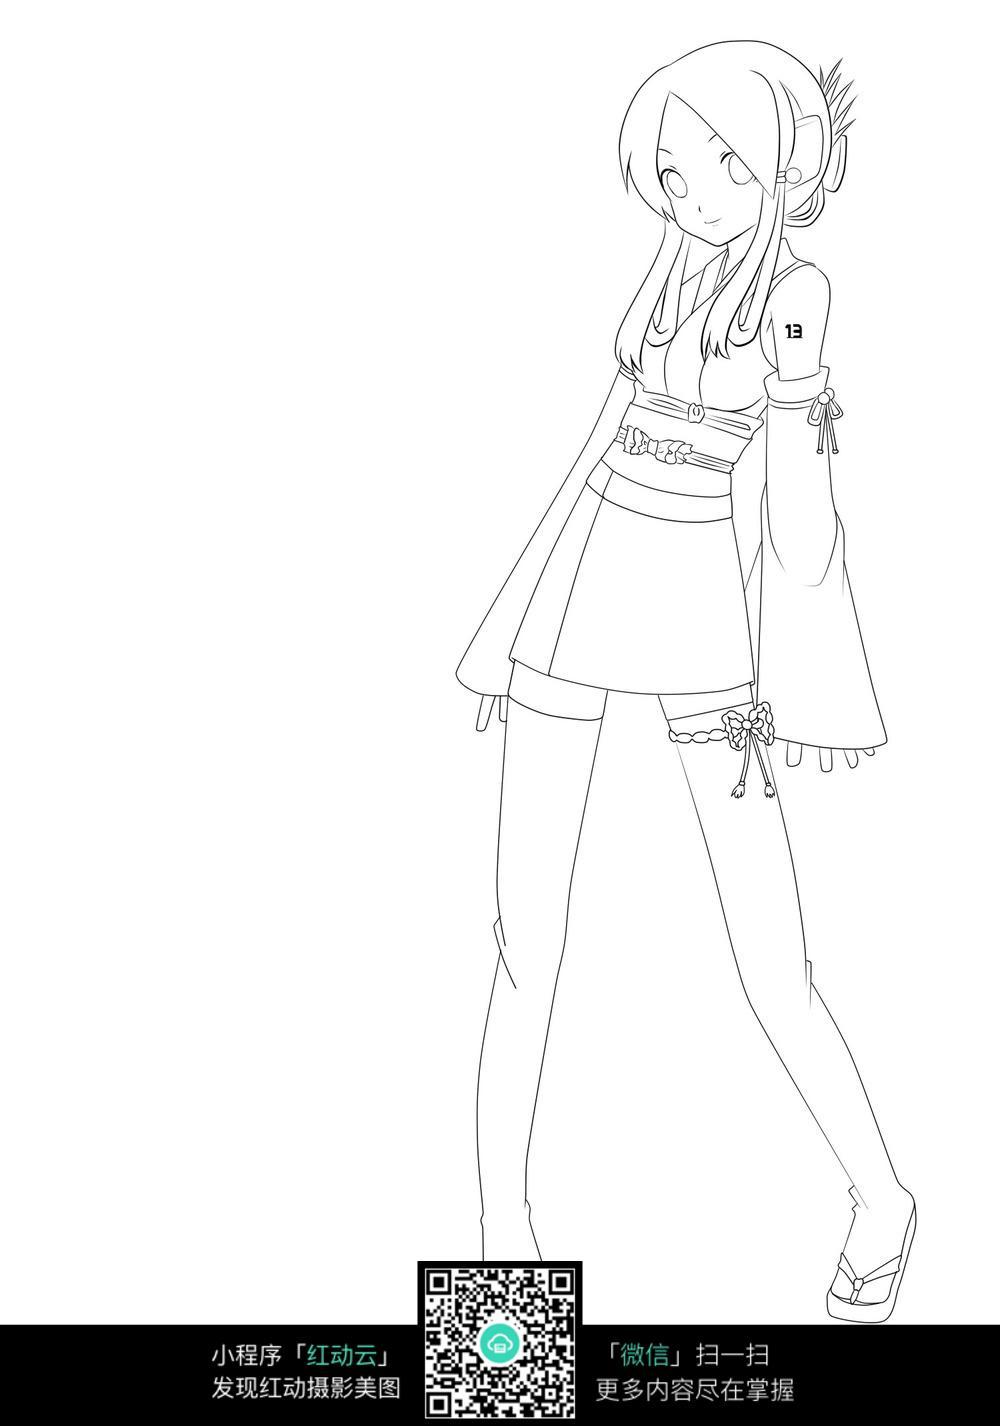 免费素材 图片素材 漫画插画 人物卡通 日本动漫卡通女孩线描